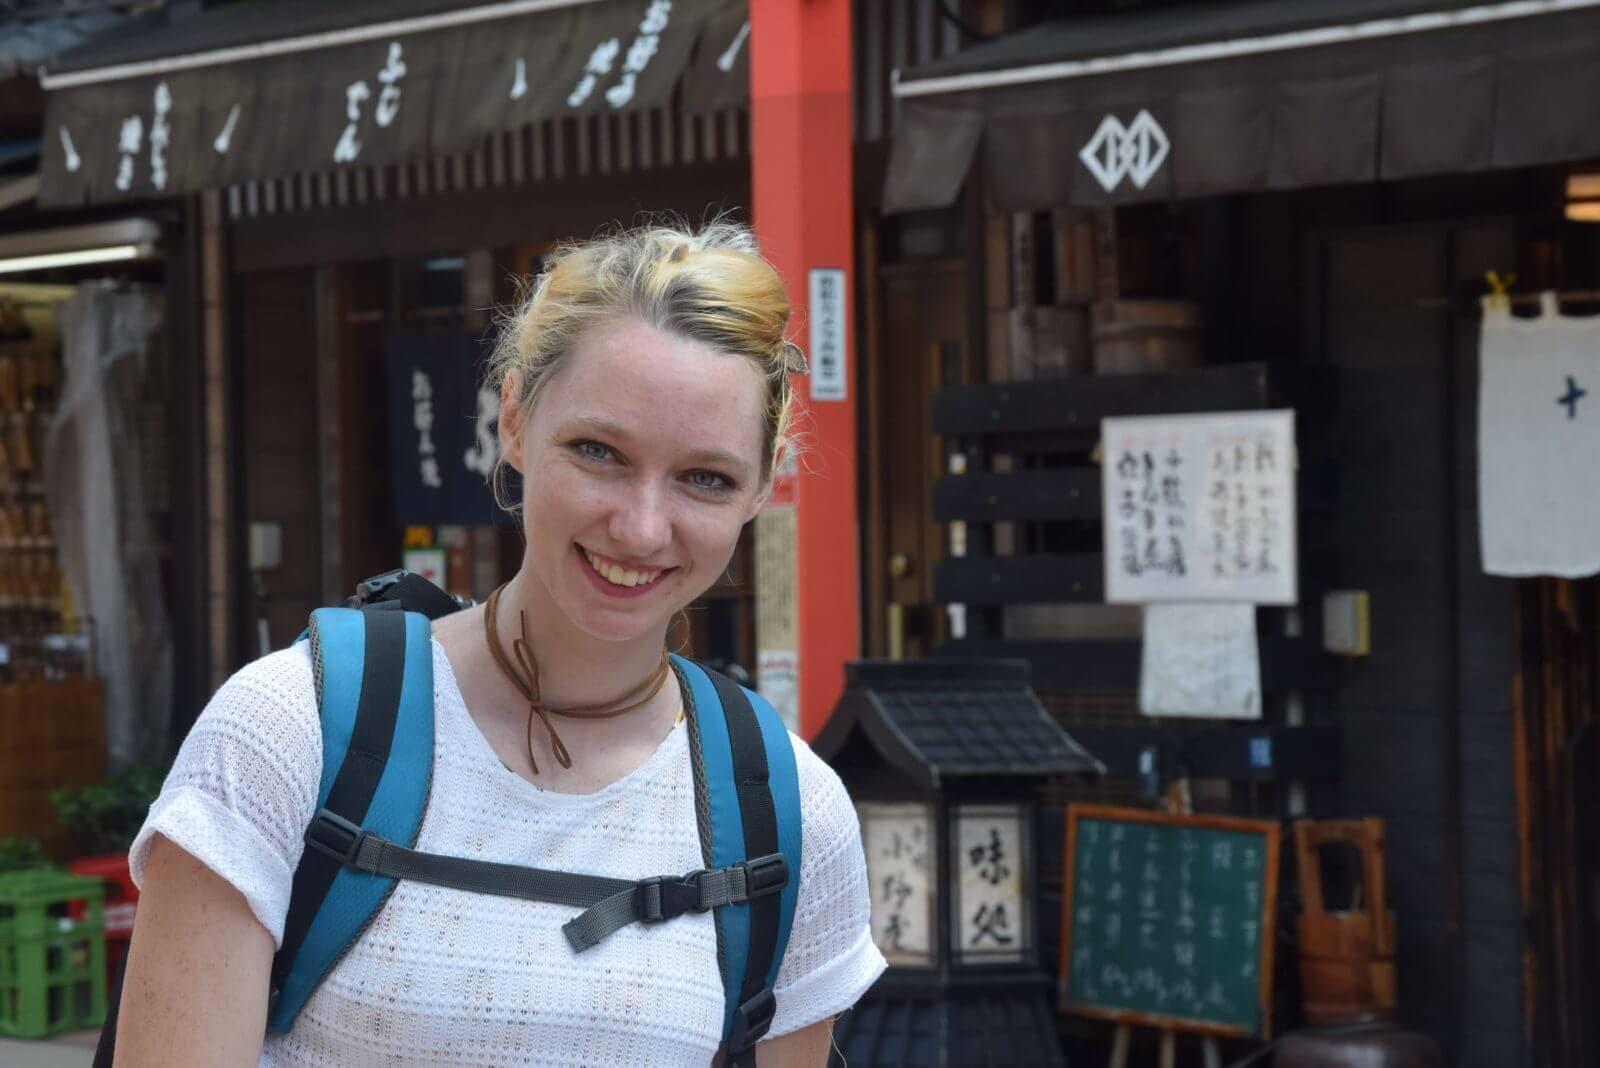 Préparez votre valise pour un voyage de rêve ! - La revue de Kathleen - Blog Lifestyle et voyage à Paris